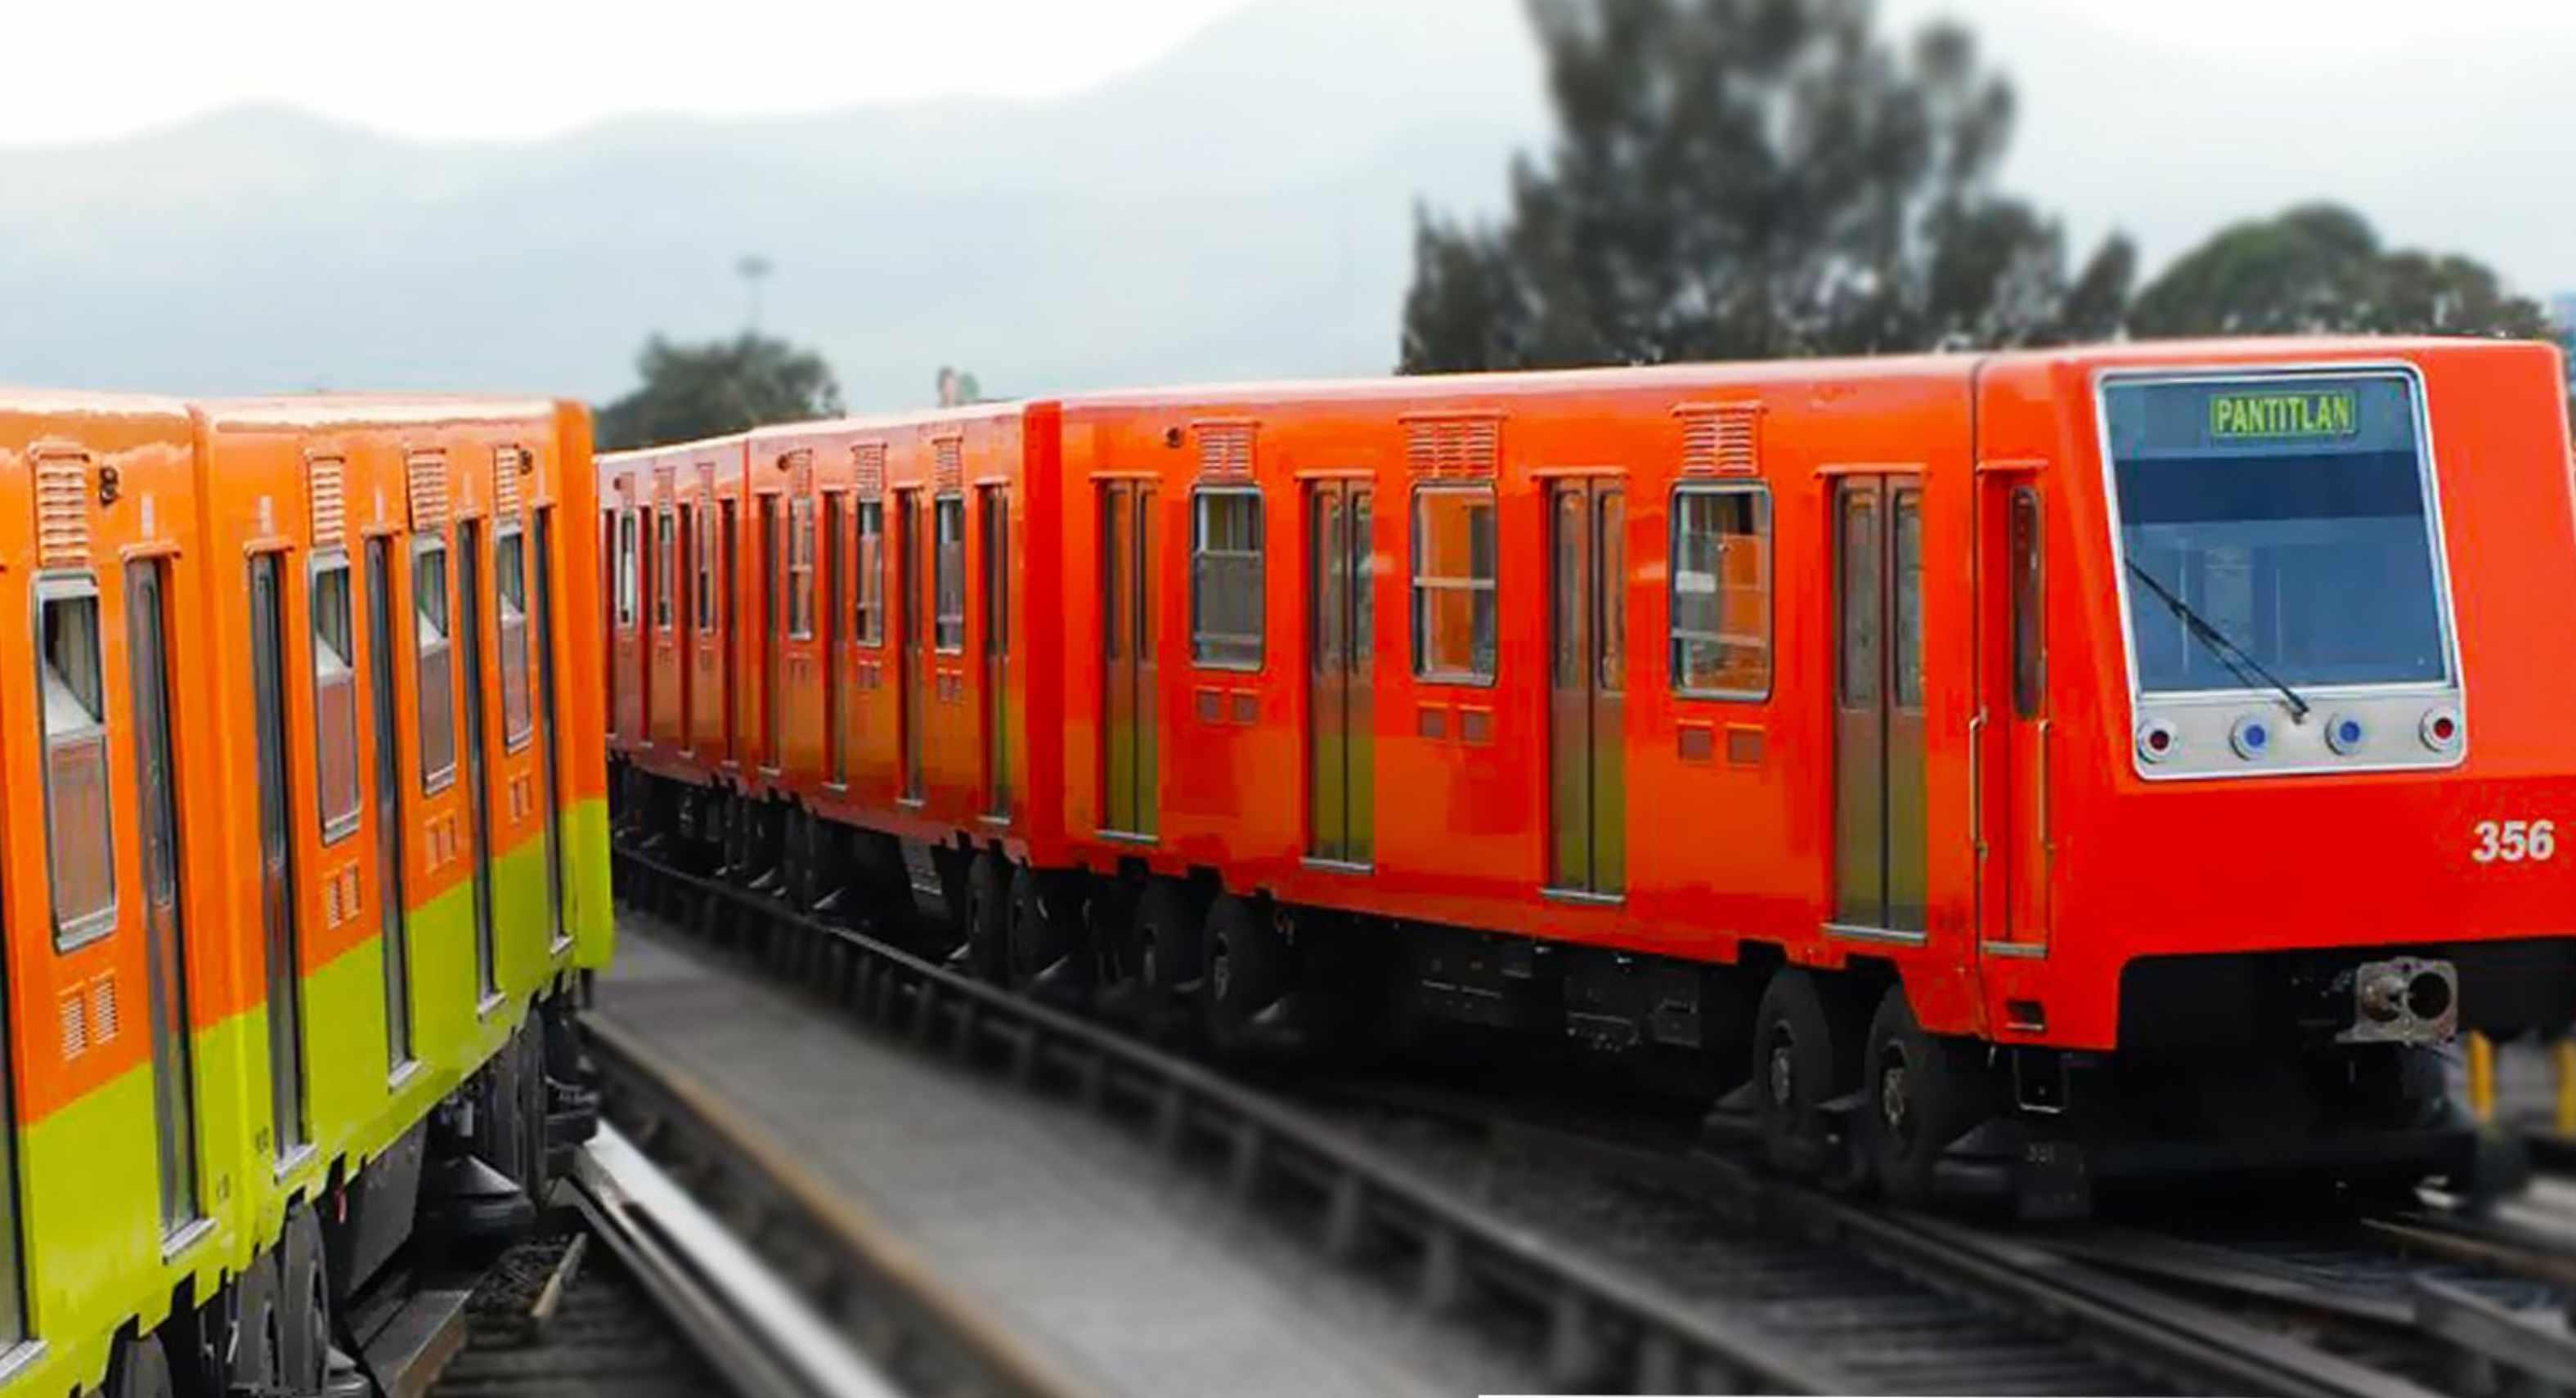 Metro de la CDMX vuelve a presentar afluencia del 100% tras pandemia e incendio de enero